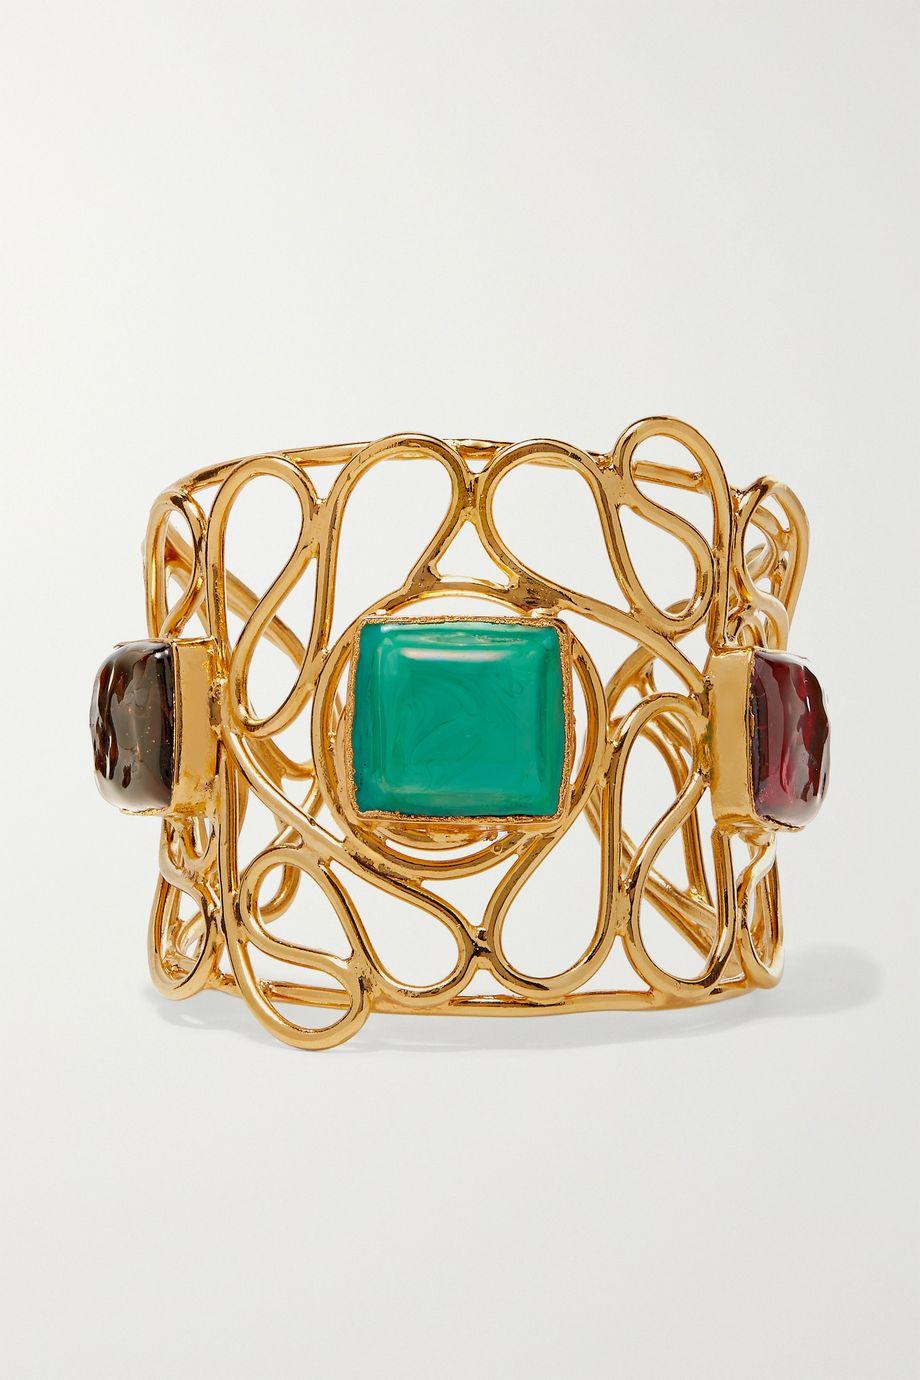 Loulou de la Falaise Mosaic vergoldete Armspange mit Glas